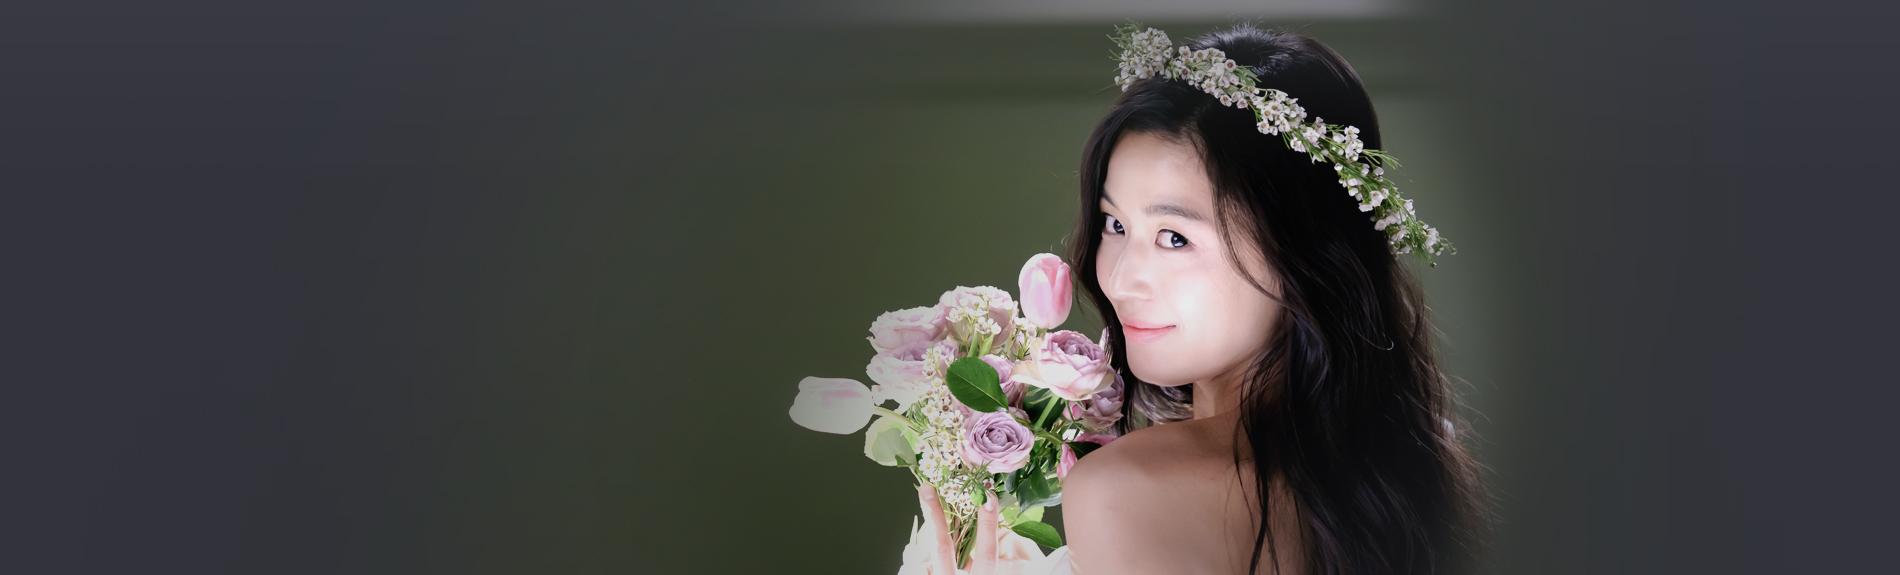 웨딩의 계절 '봄' 아름다운 5월의 신부